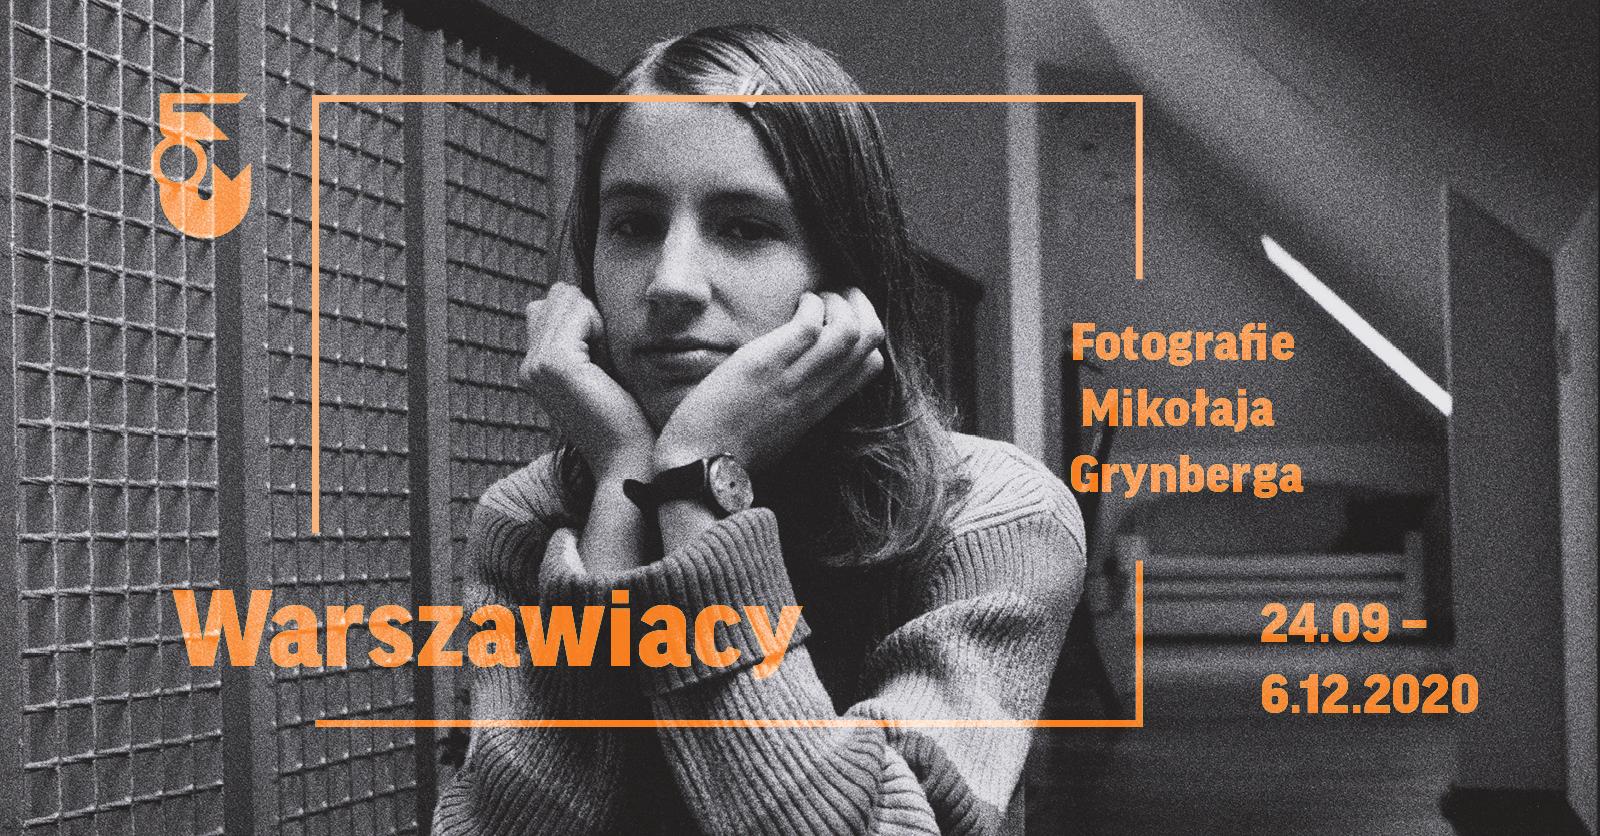 Warszawiacy – fotografie Mikołaja Grynberga w kolekcji Muzeum Warszawy